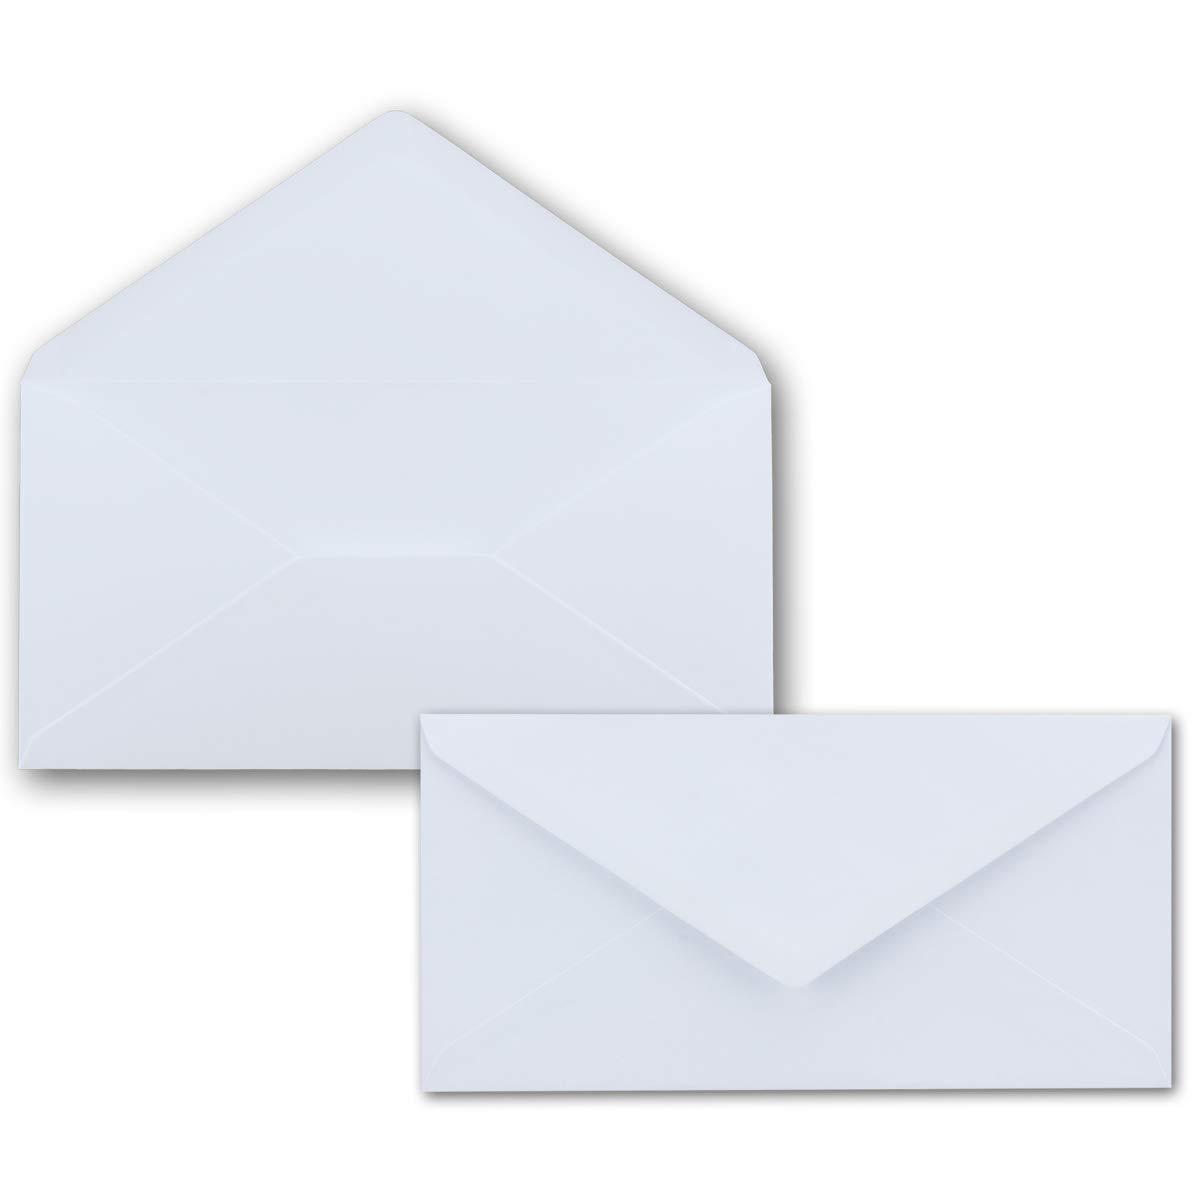 250 Brief-Umschläge Bronze Metallic DIN Lang - - - 110 x 220 mm (11 x 22 cm) - Nassklebung ohne Fenster - Ideal für Einladungs-Karten - Serie FarbenFroh® B079S4WYYF | Erste Klasse in seiner Klasse  d887e7